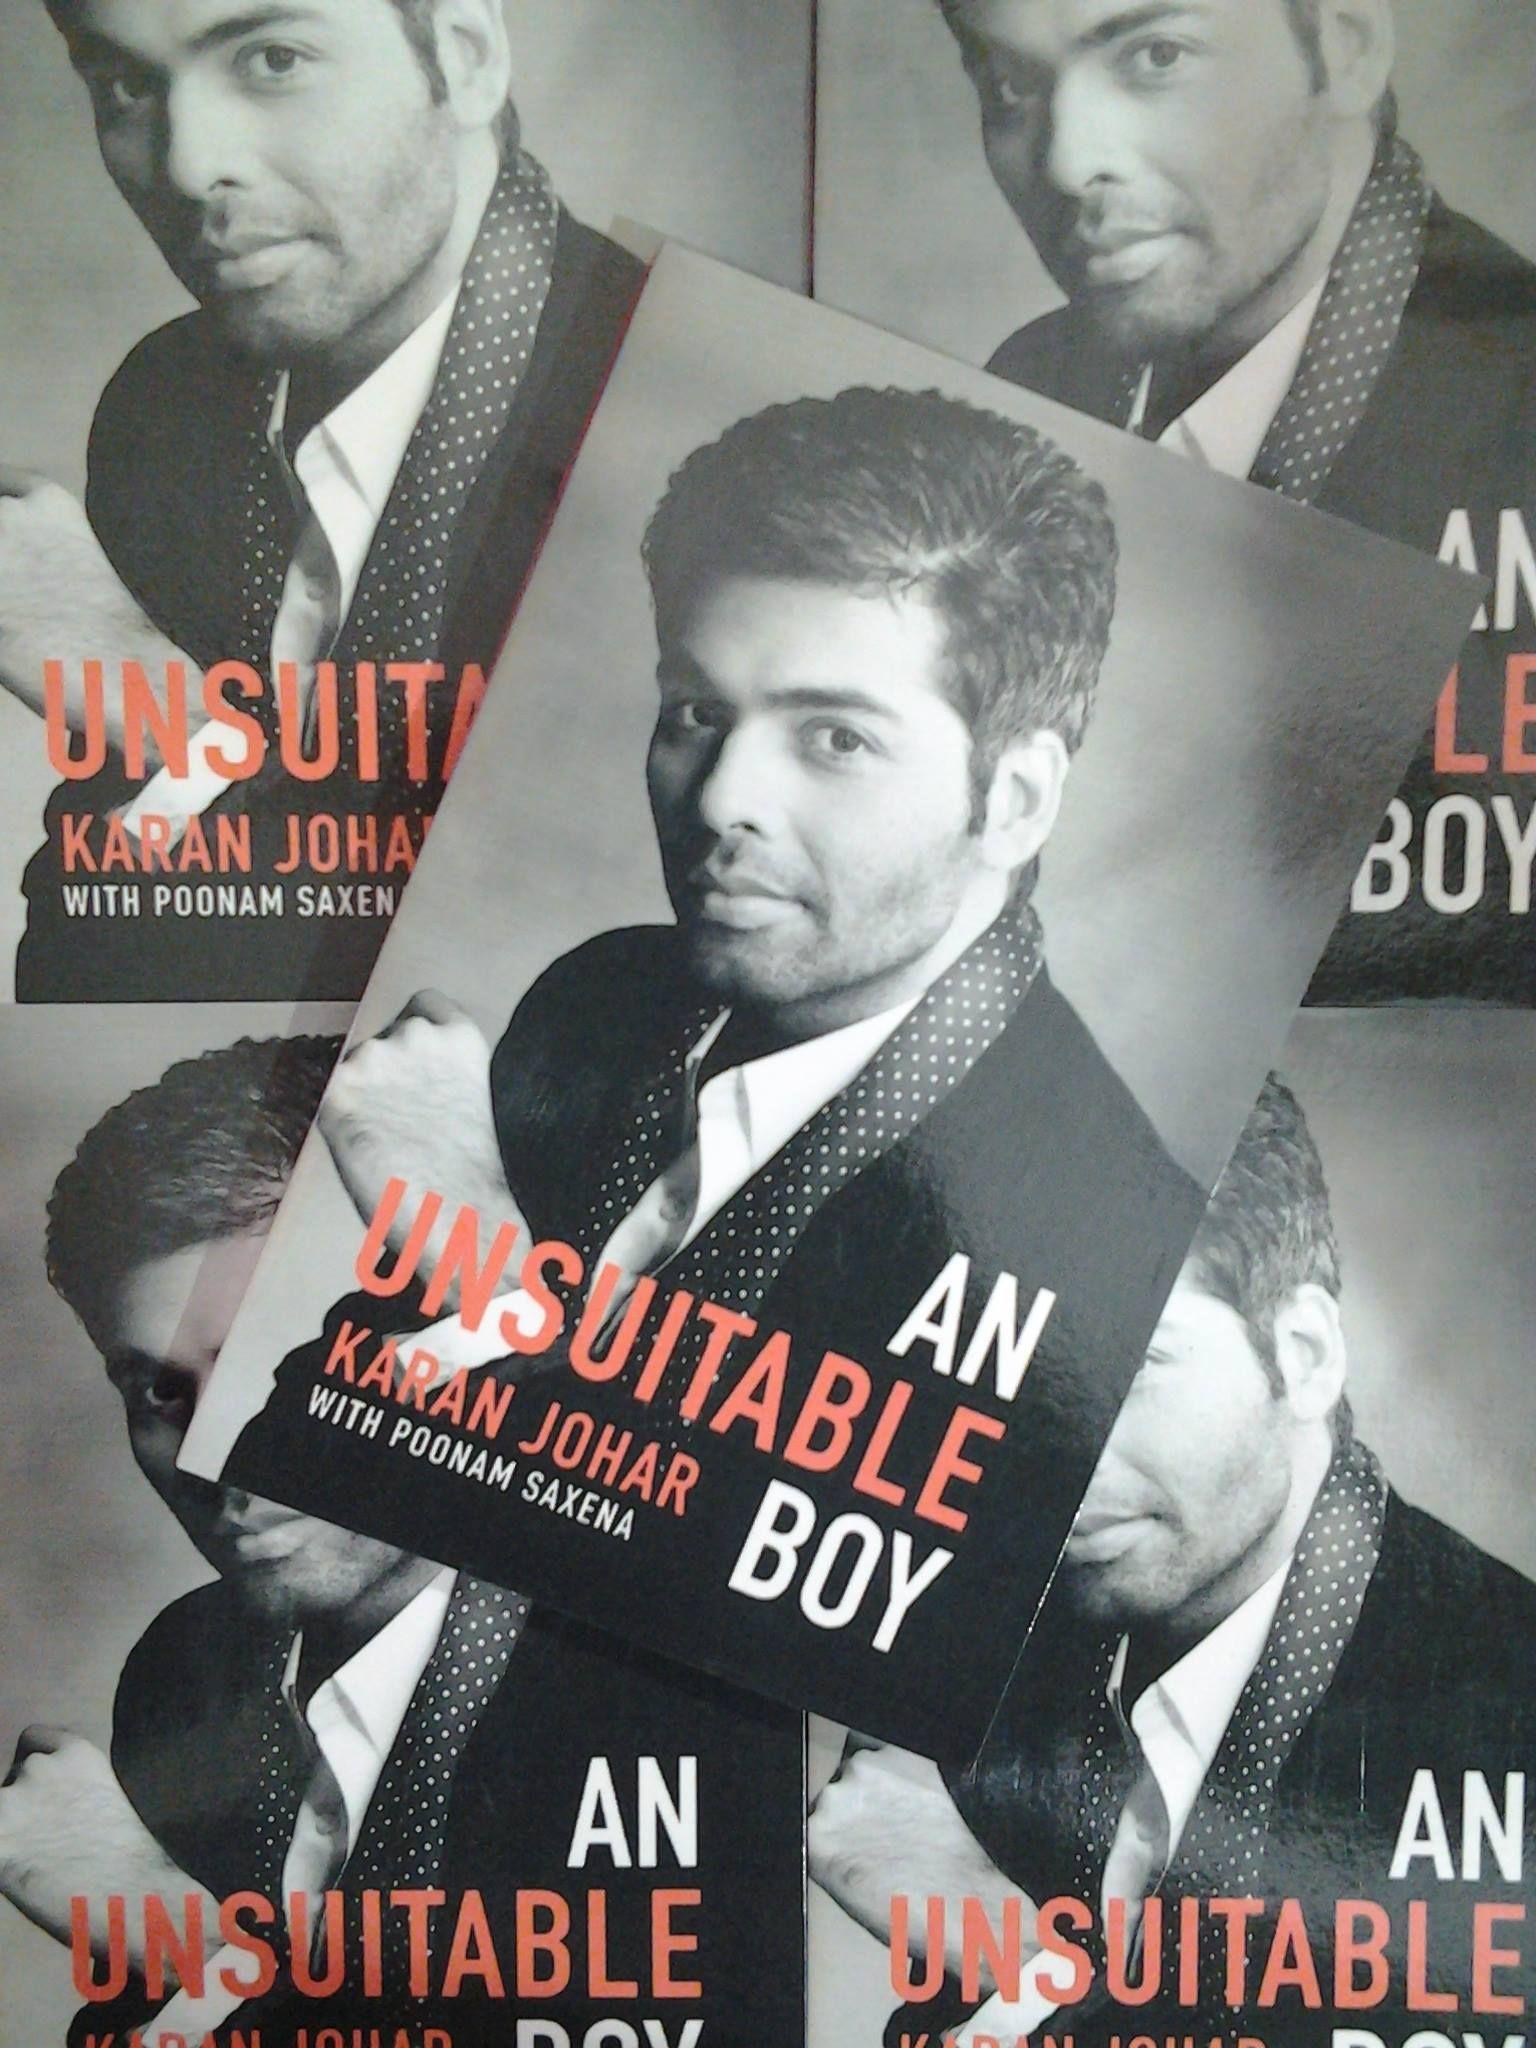 The Unsuitable Boy